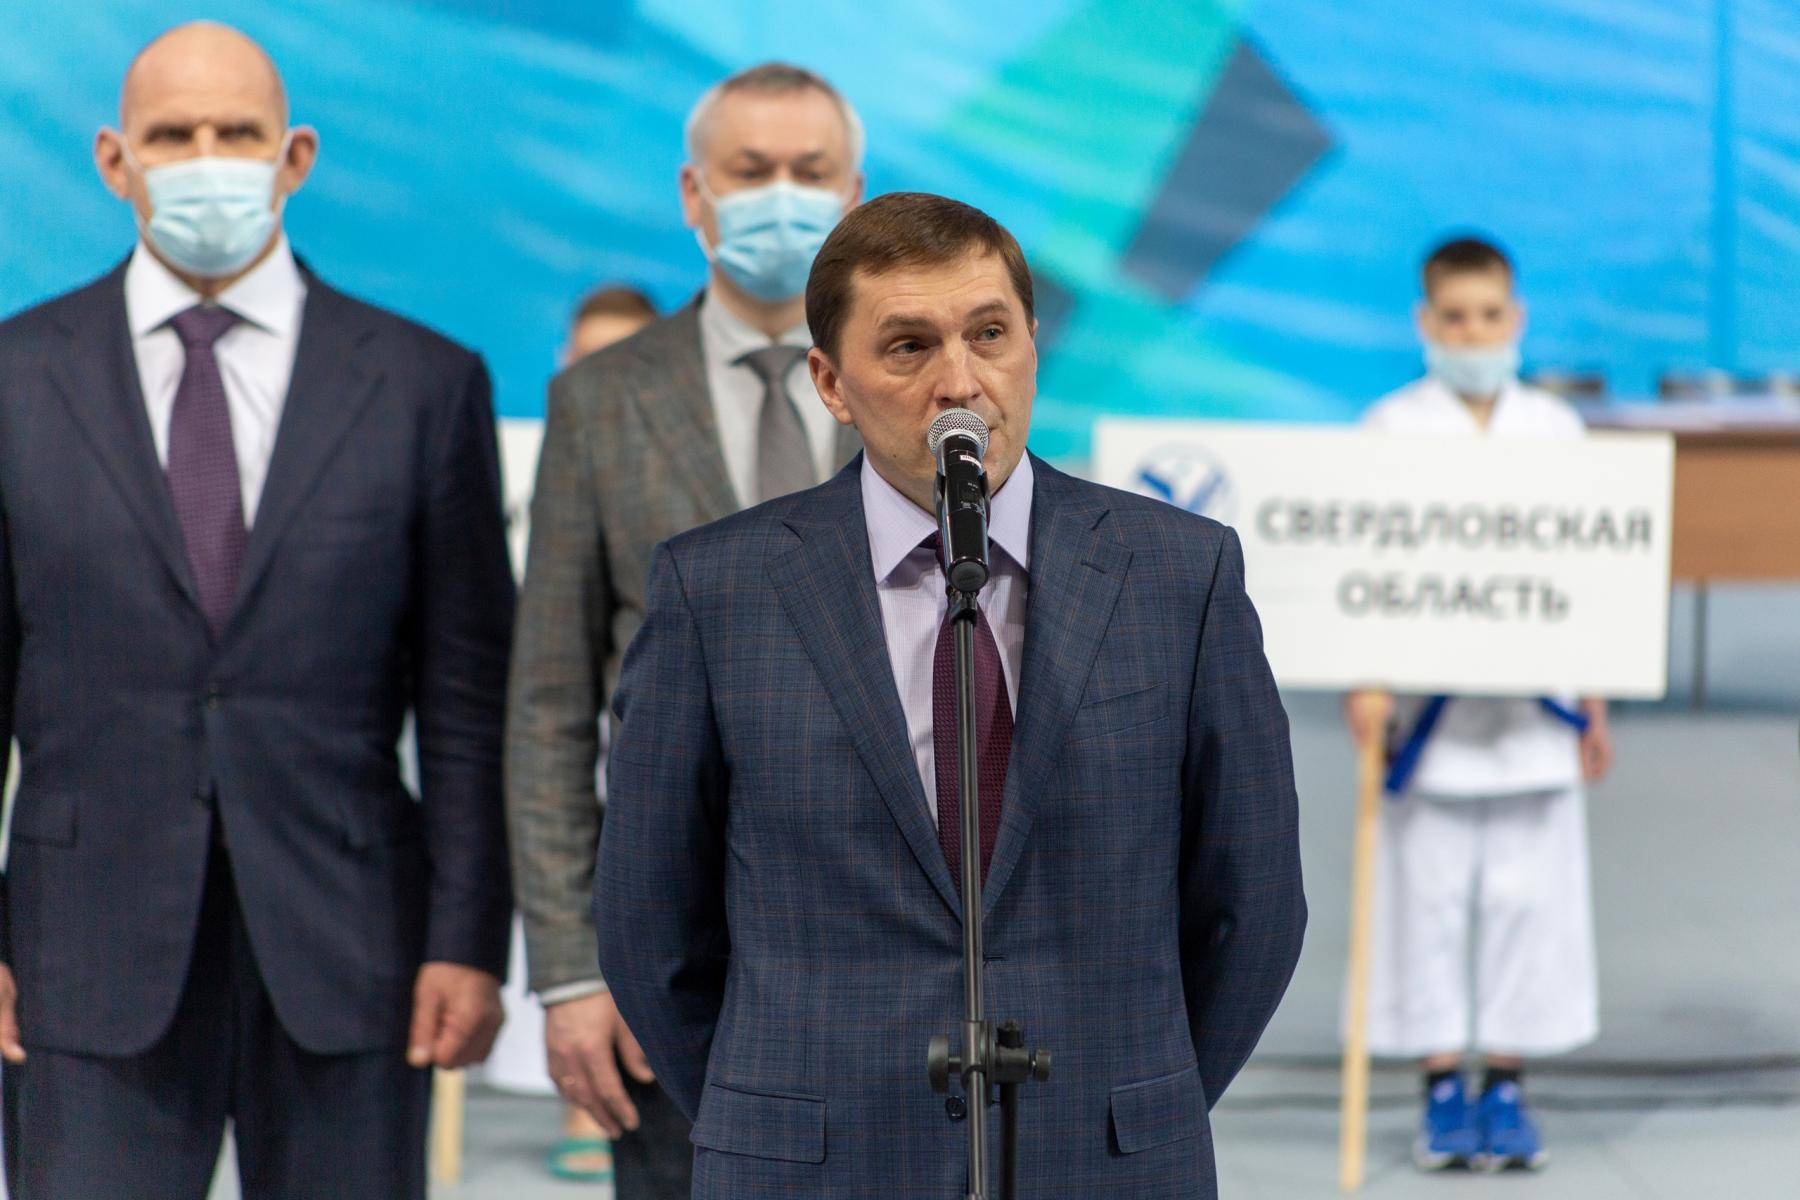 фото В Новосибирске торжественно открыли соревнования по карате «Кубок Успеха» 2